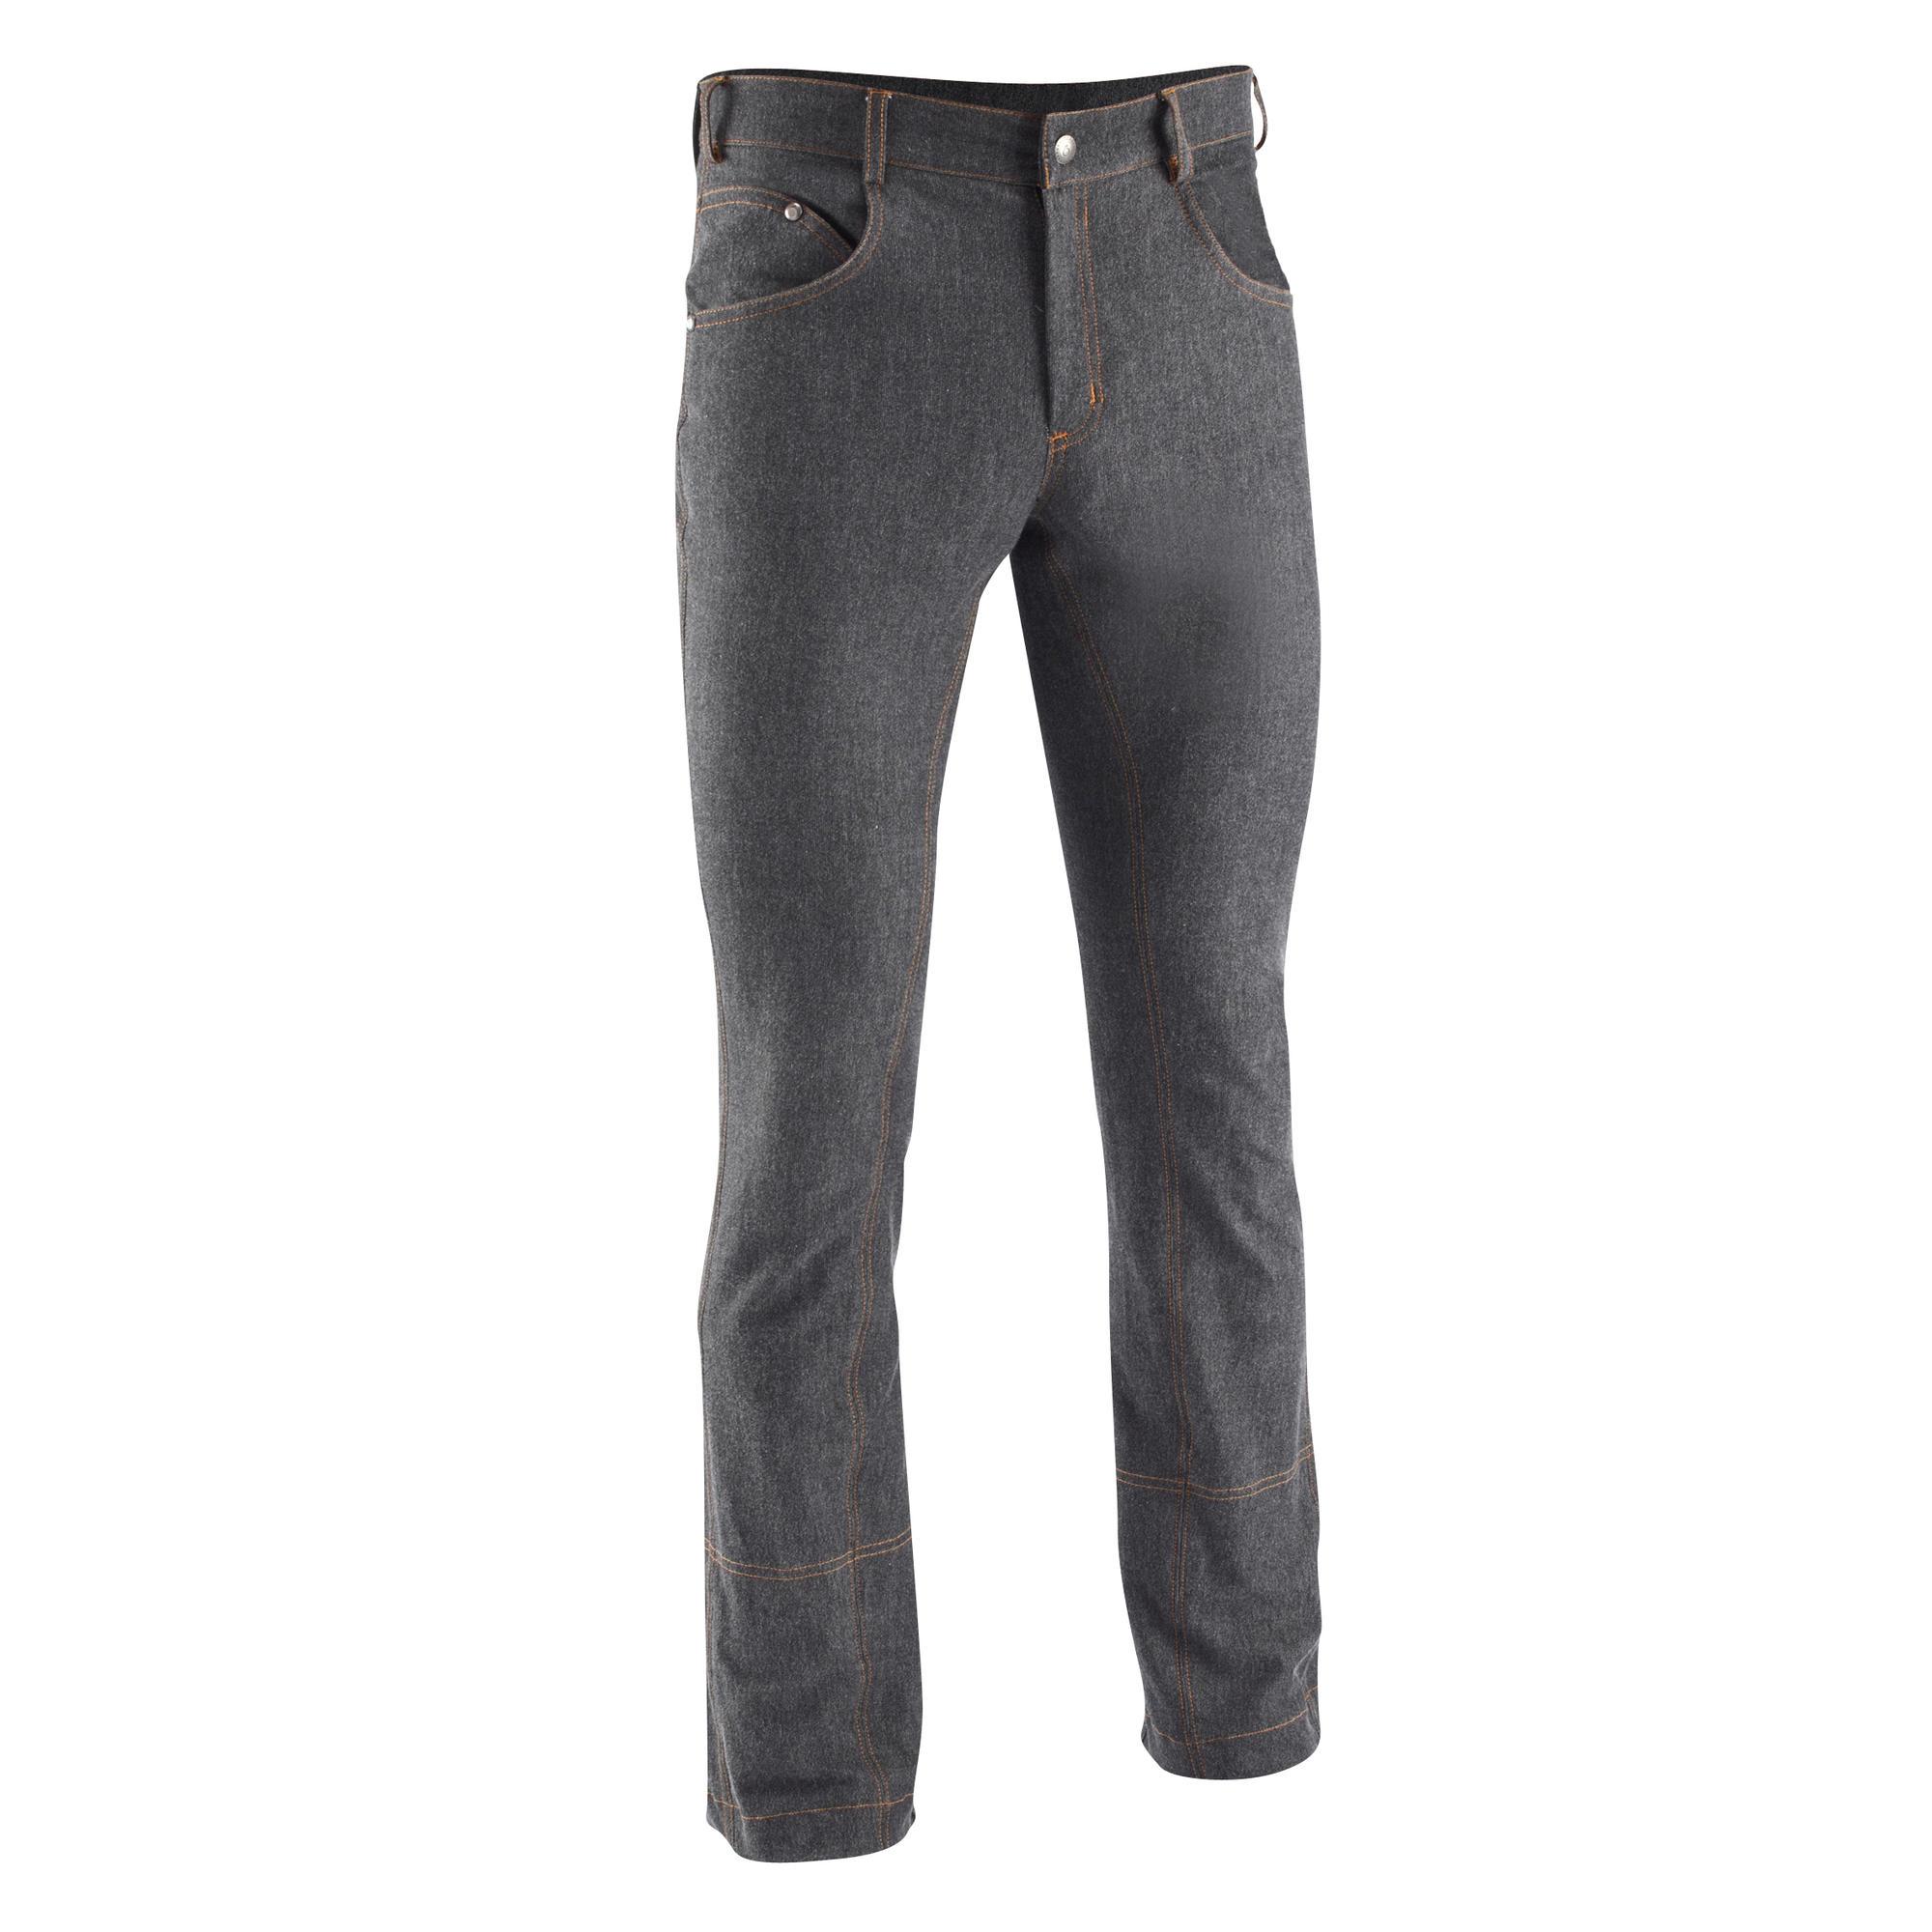 pantalon quitation homme bas droit jeans noir fouganza. Black Bedroom Furniture Sets. Home Design Ideas